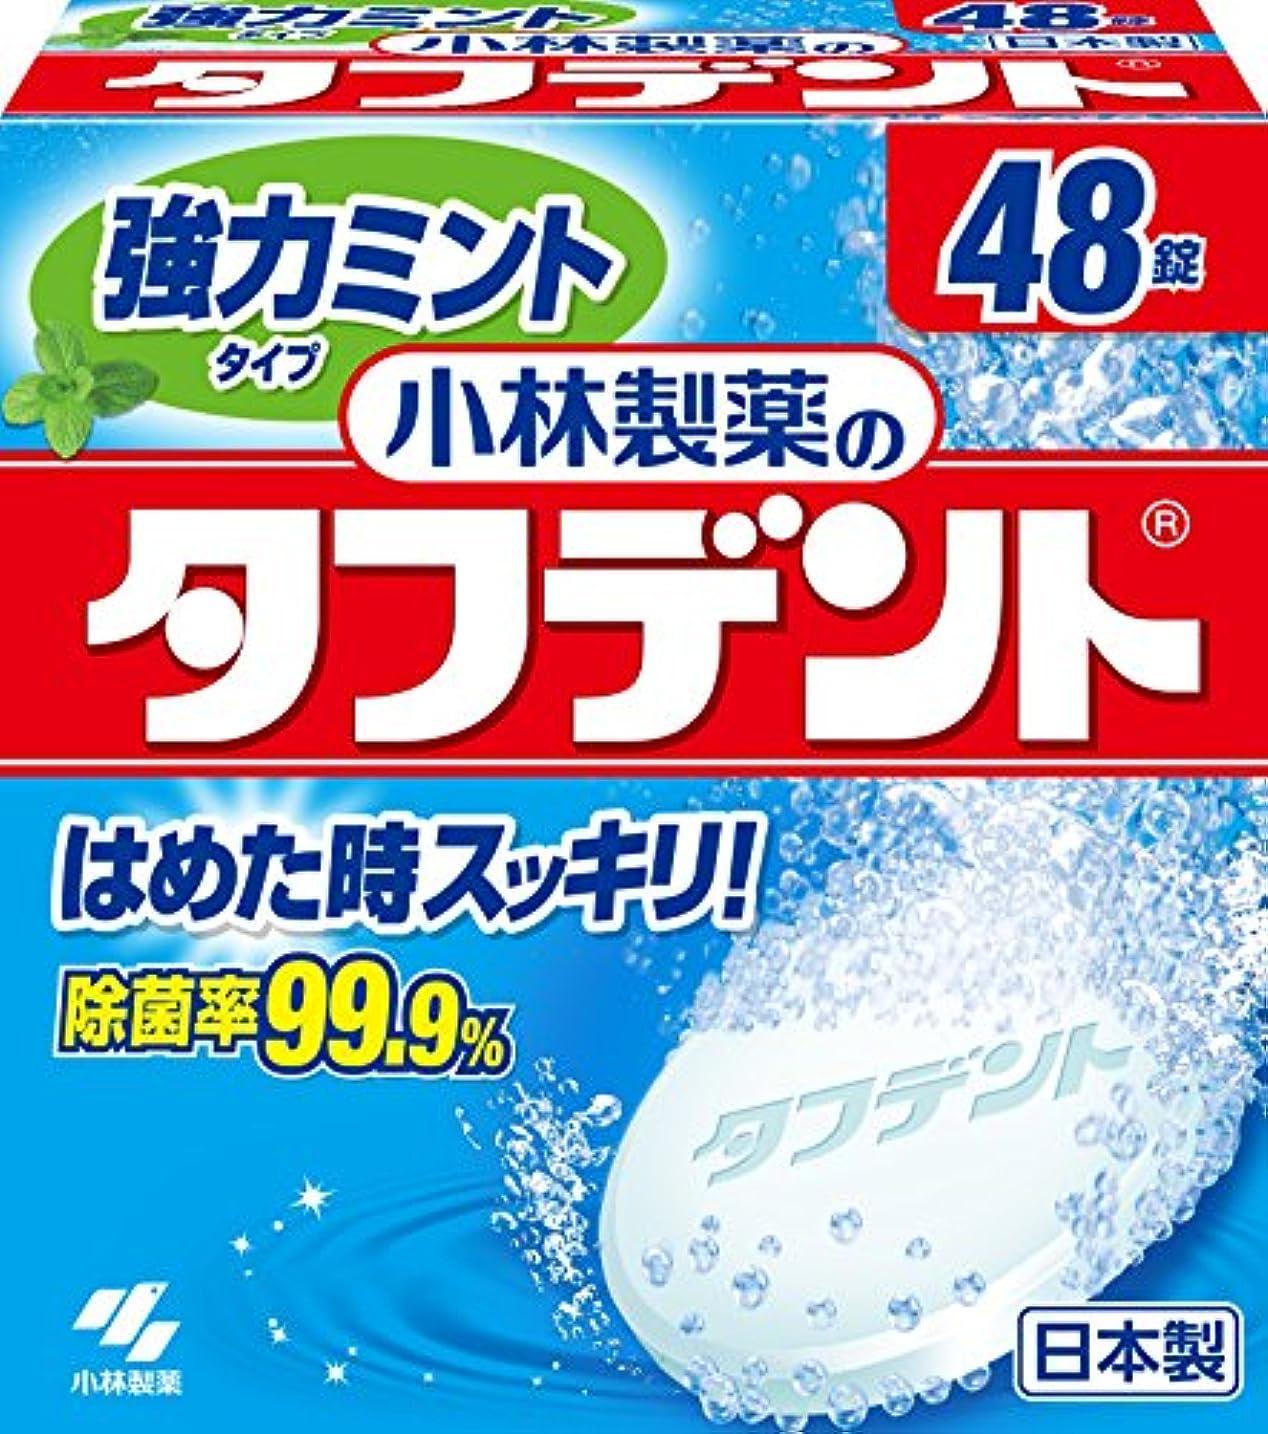 買うダブルはず小林製薬のタフデント強力ミントタイプ 入れ歯用洗浄剤 ミントの香り 48錠